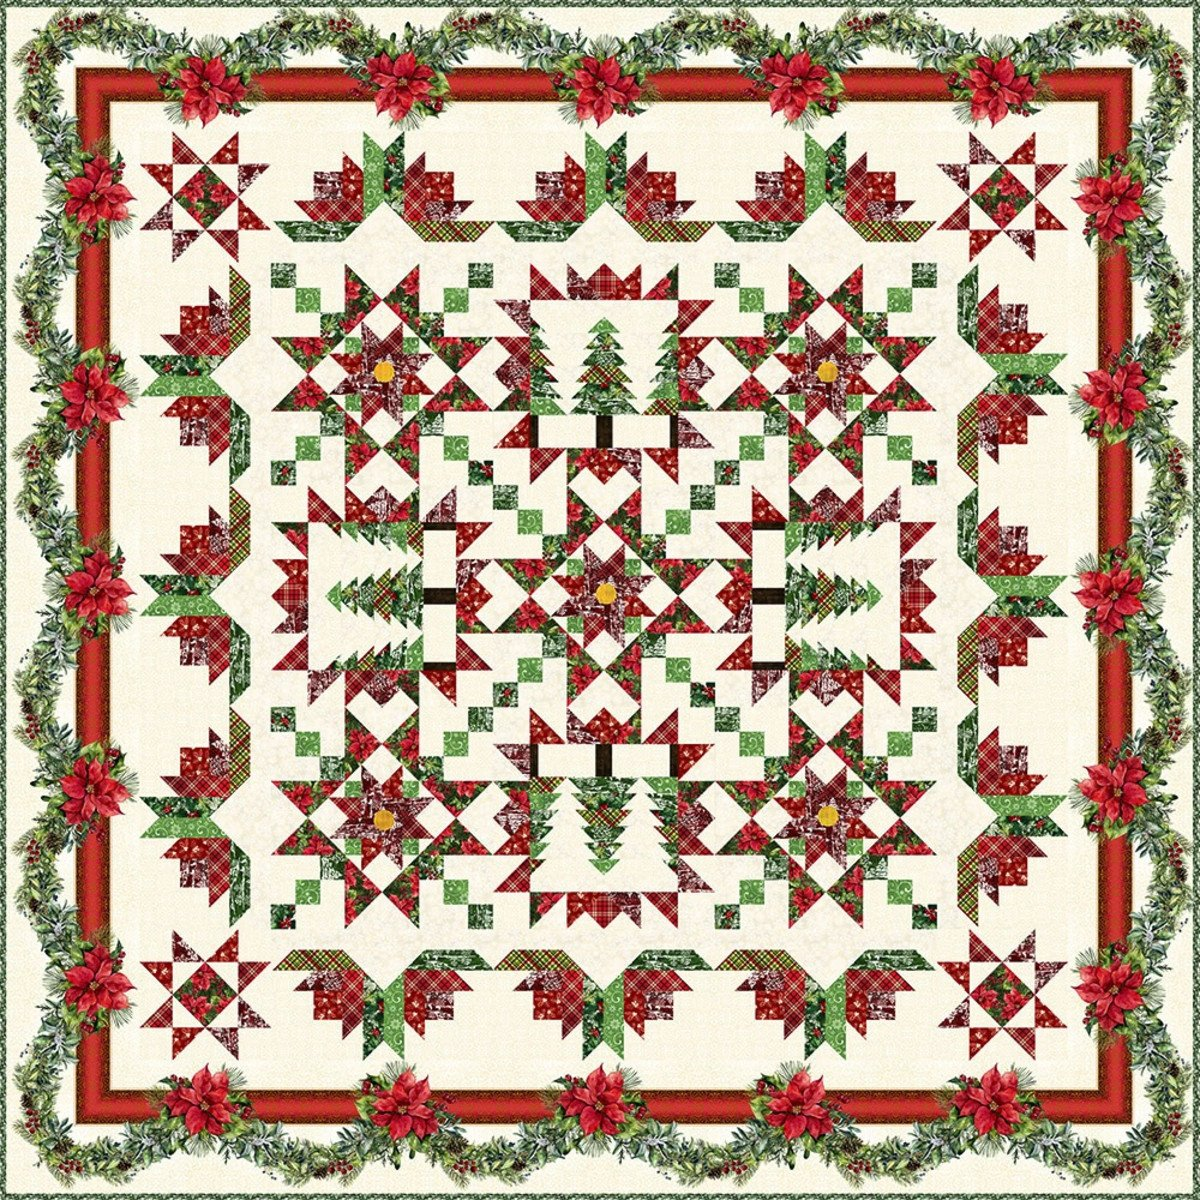 E E Schenck - A Poinsettia Winter Quilt PATTERN BOOK  - ITBAPWBK